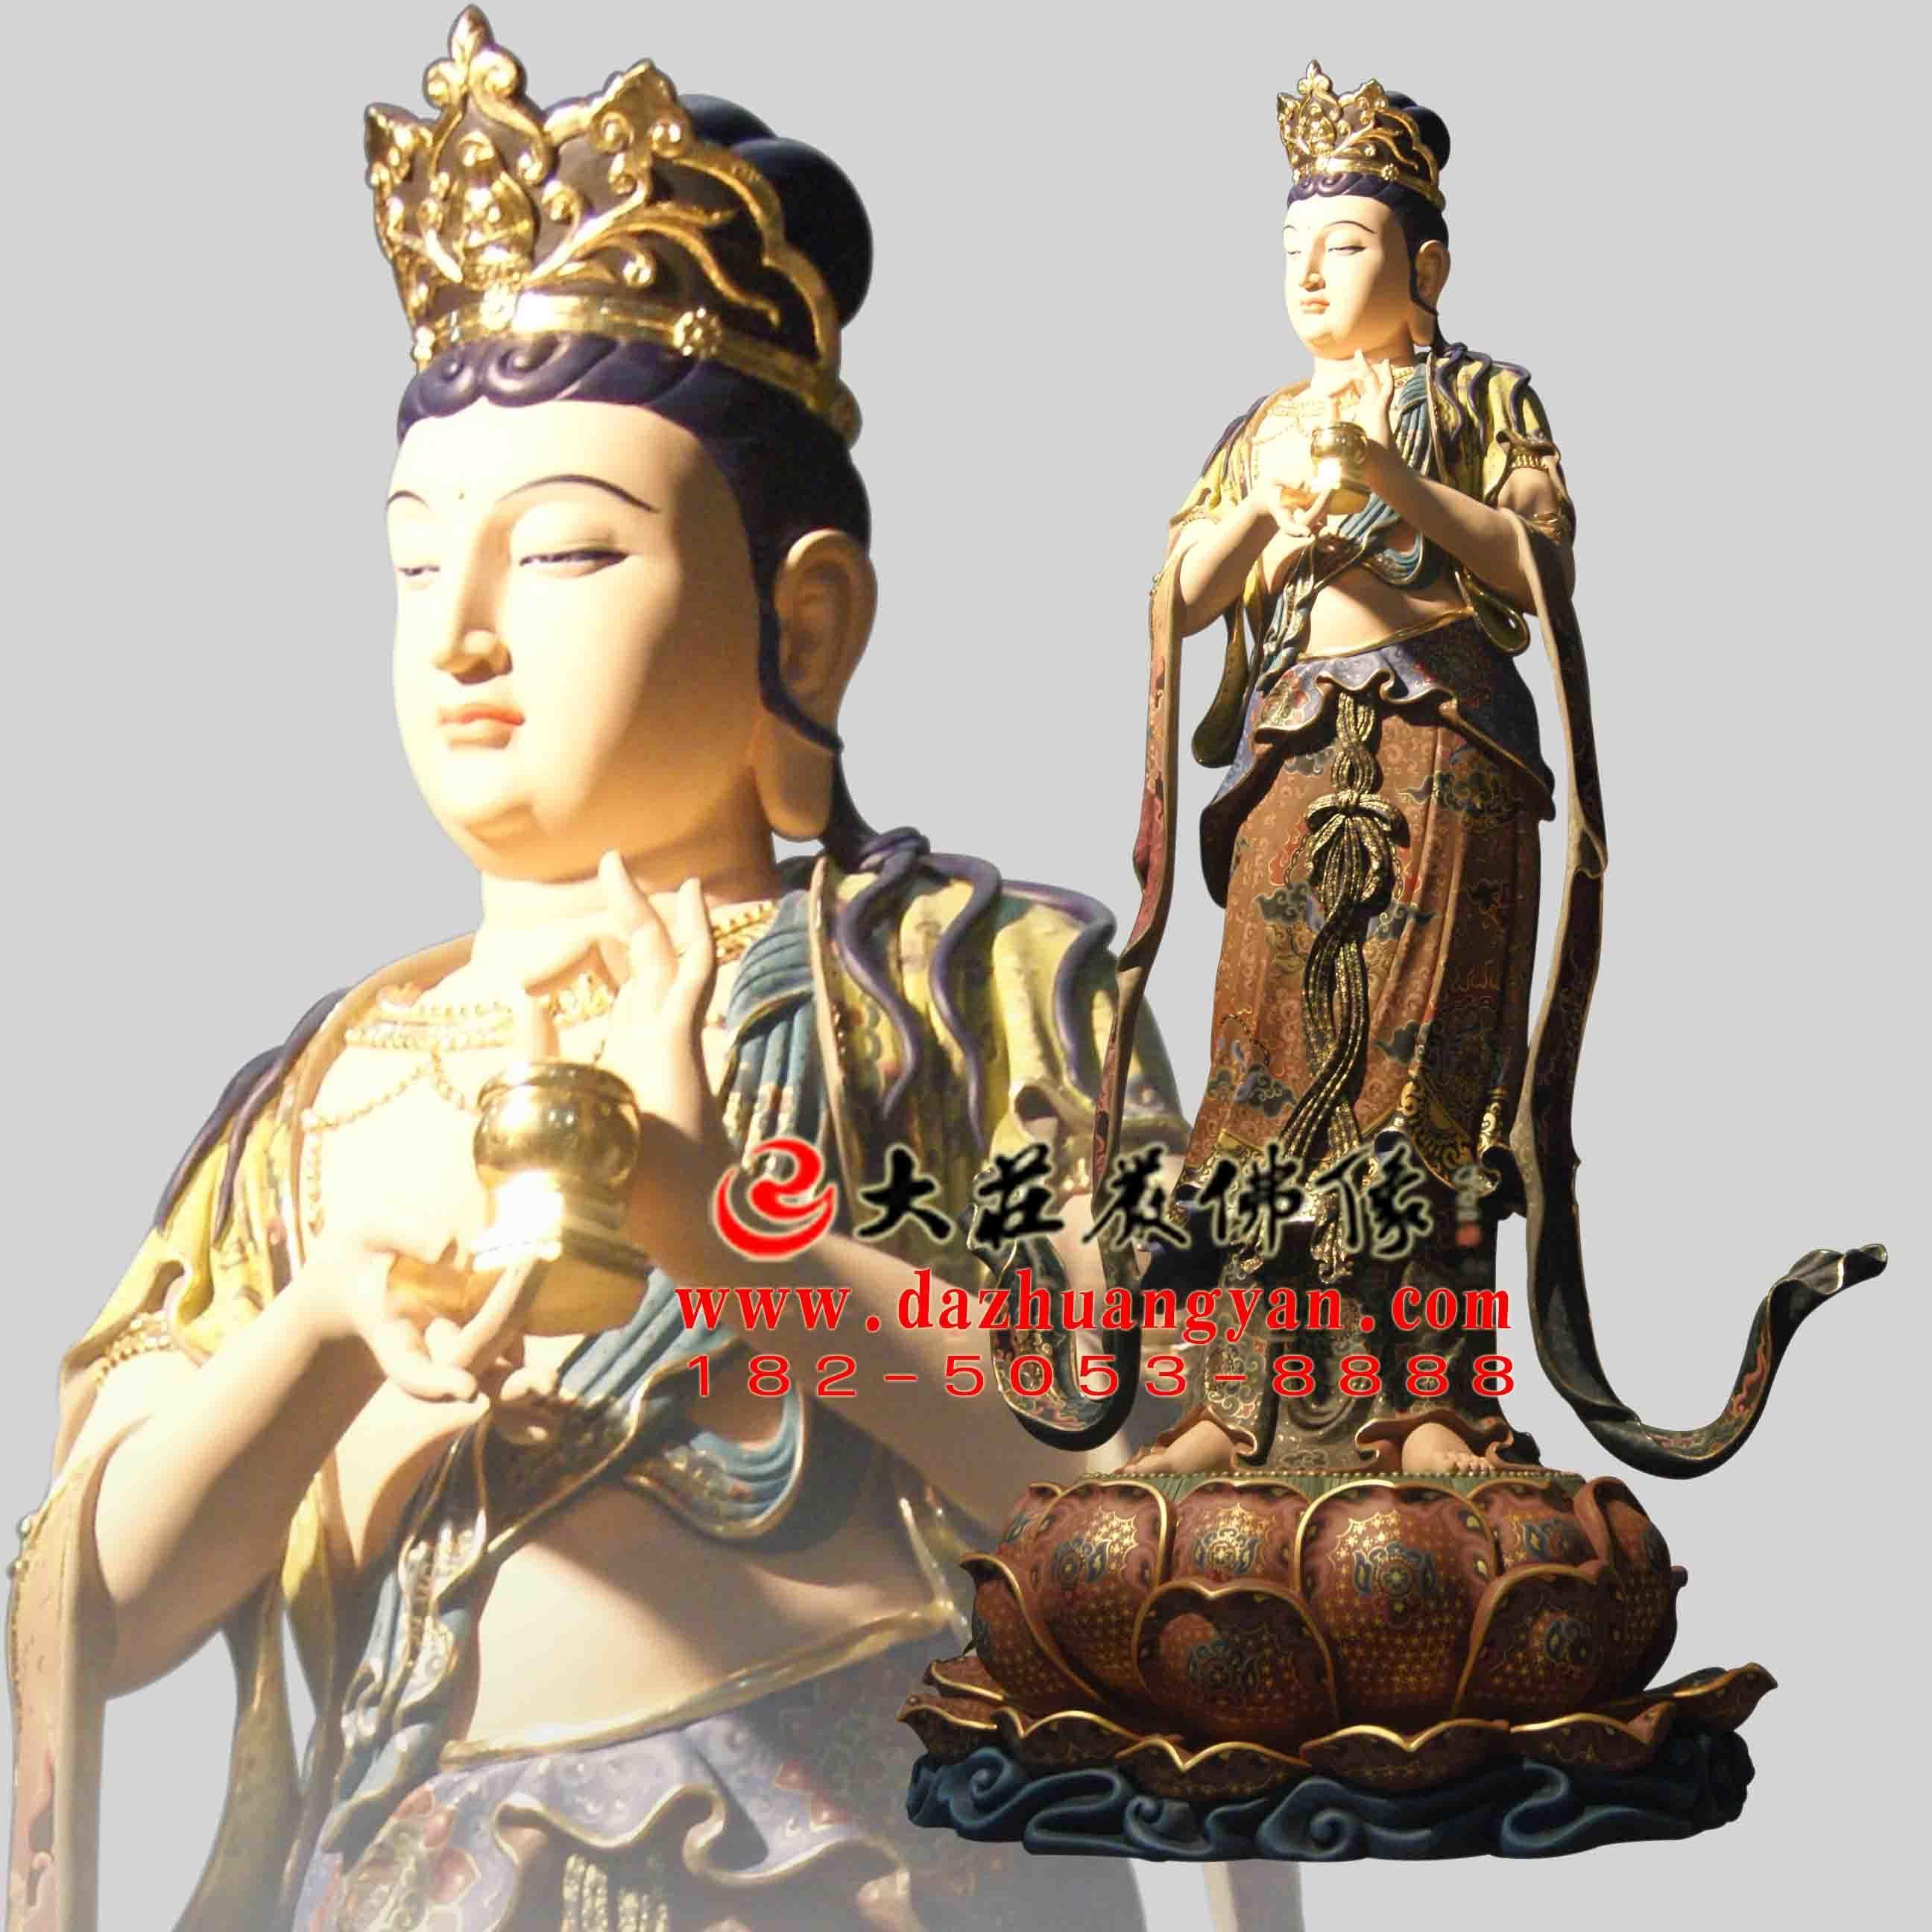 铜像八大菩萨之地藏菩萨彩绘佛像侧面像